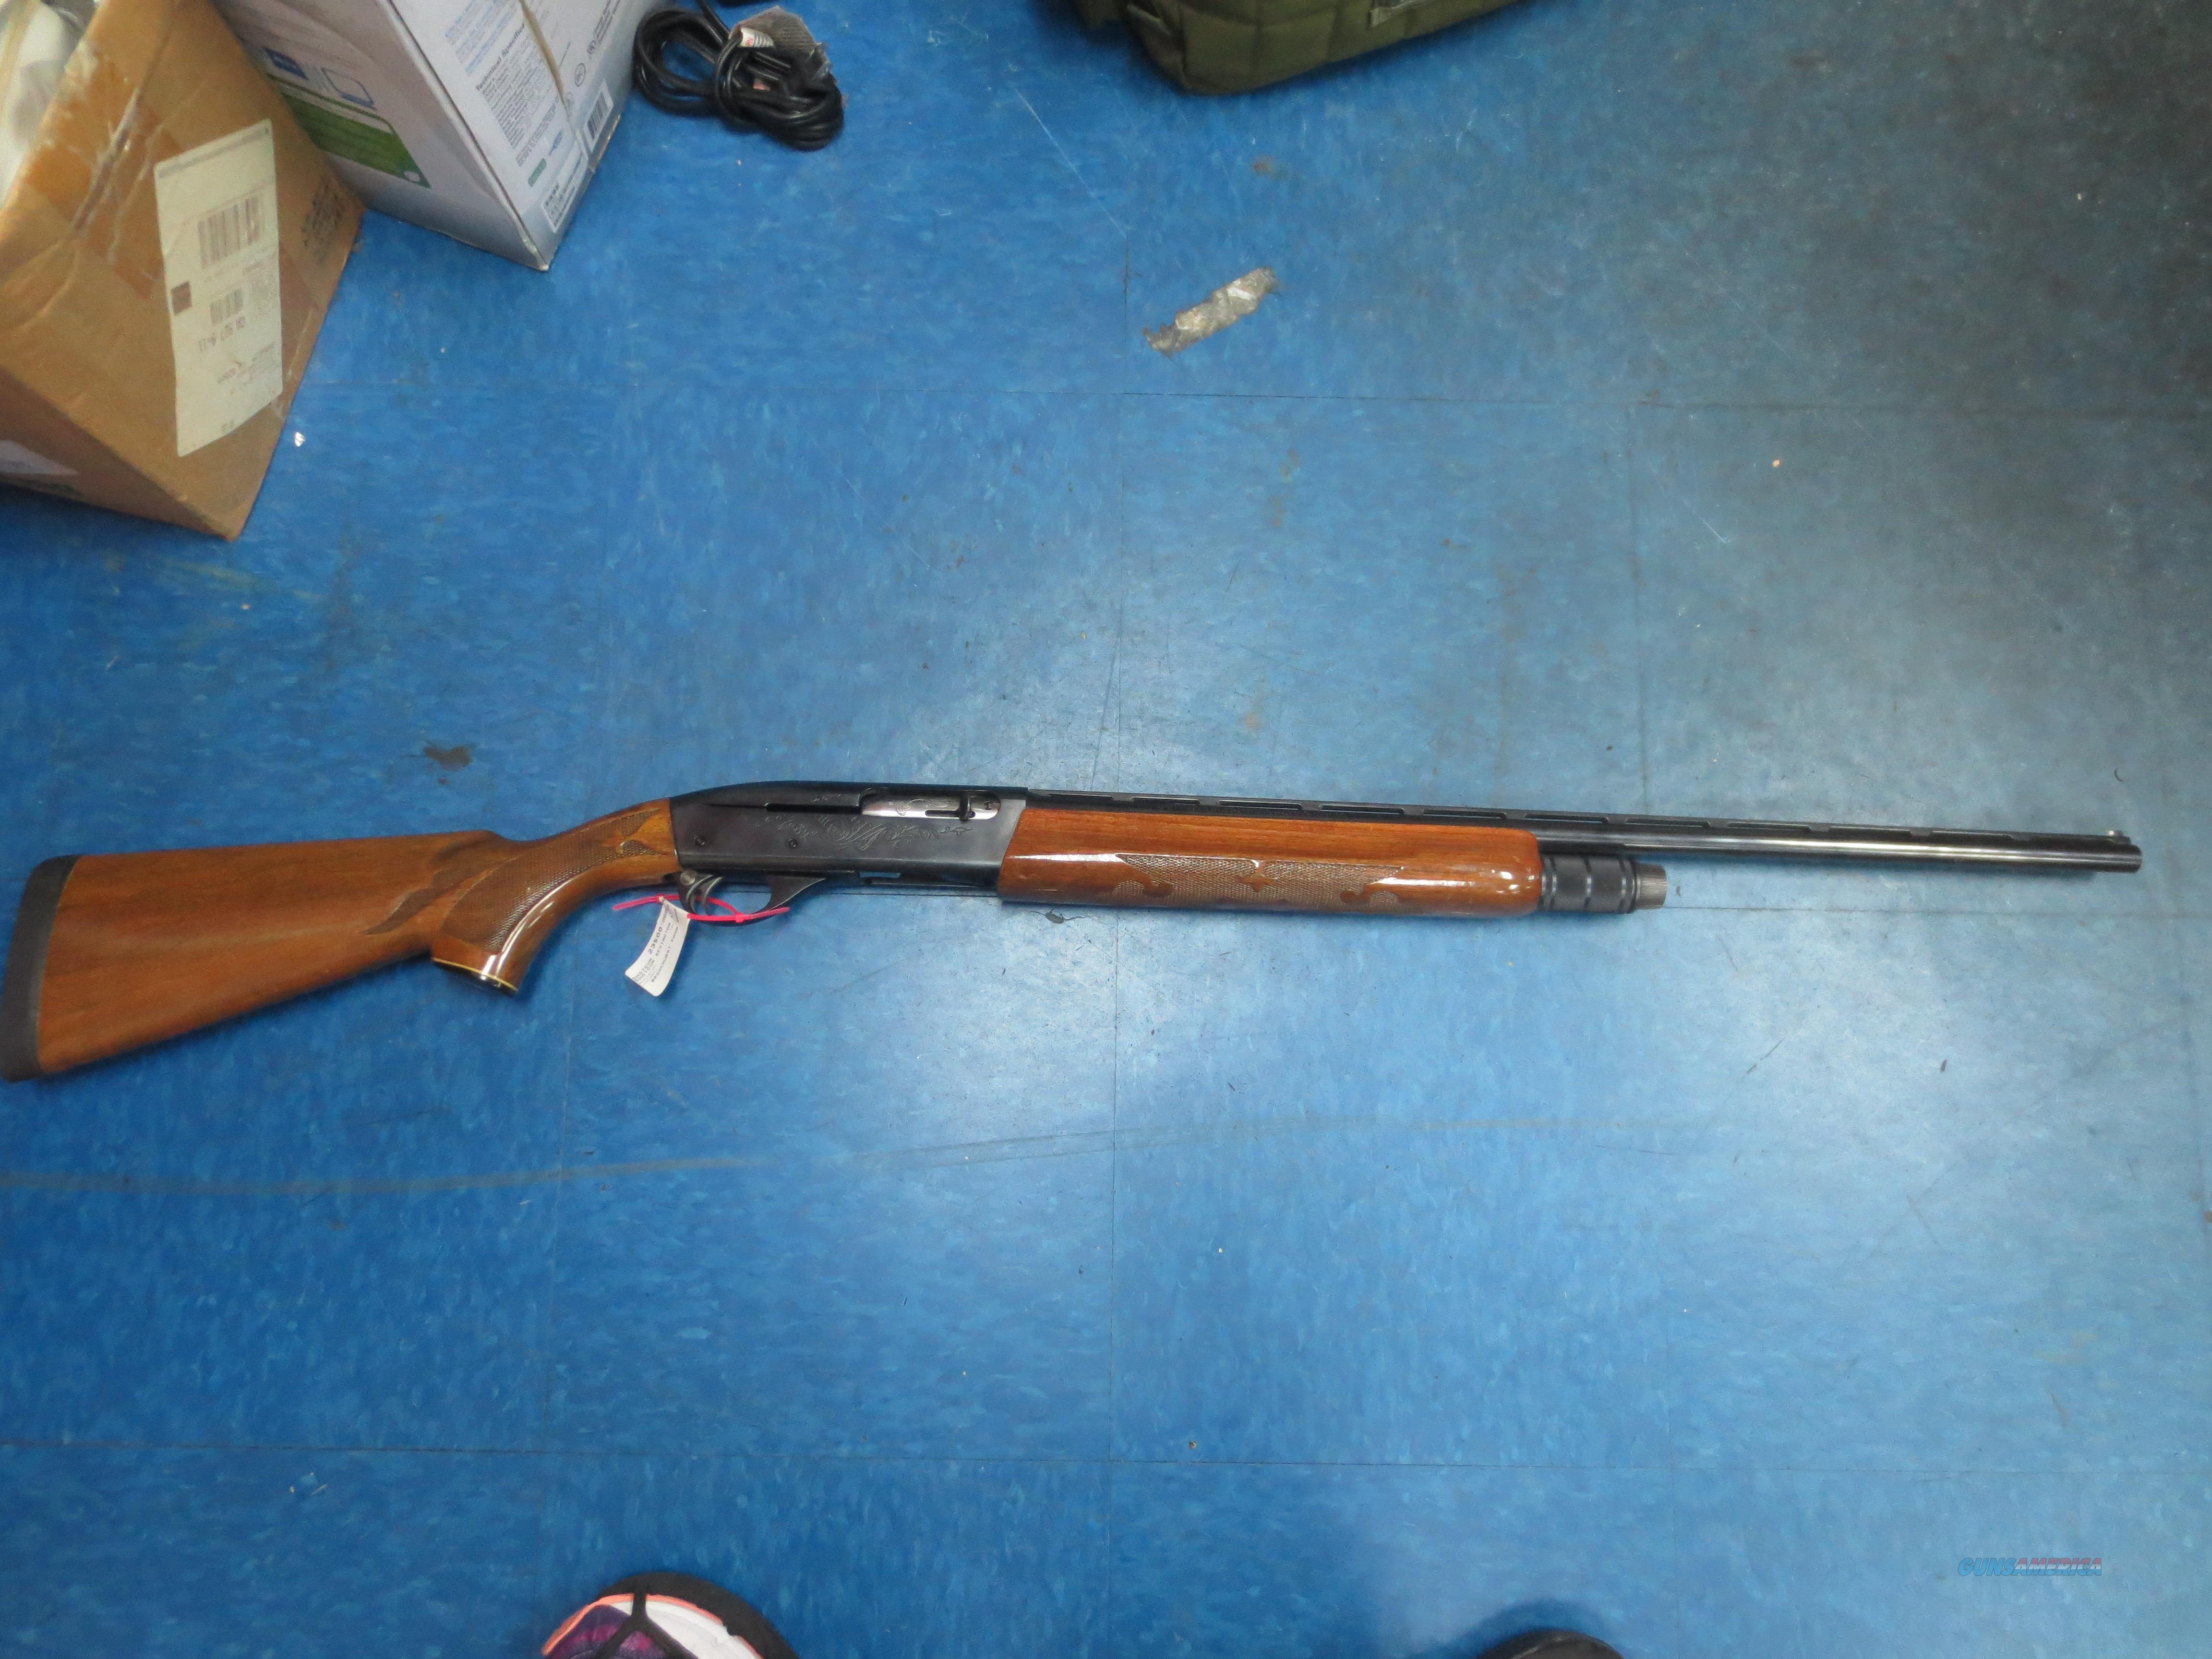 Remington Model 1100 Shotgun 28 Gauge  Guns > Shotguns > Remington Shotguns  > Autoloaders > Trap/Skeet